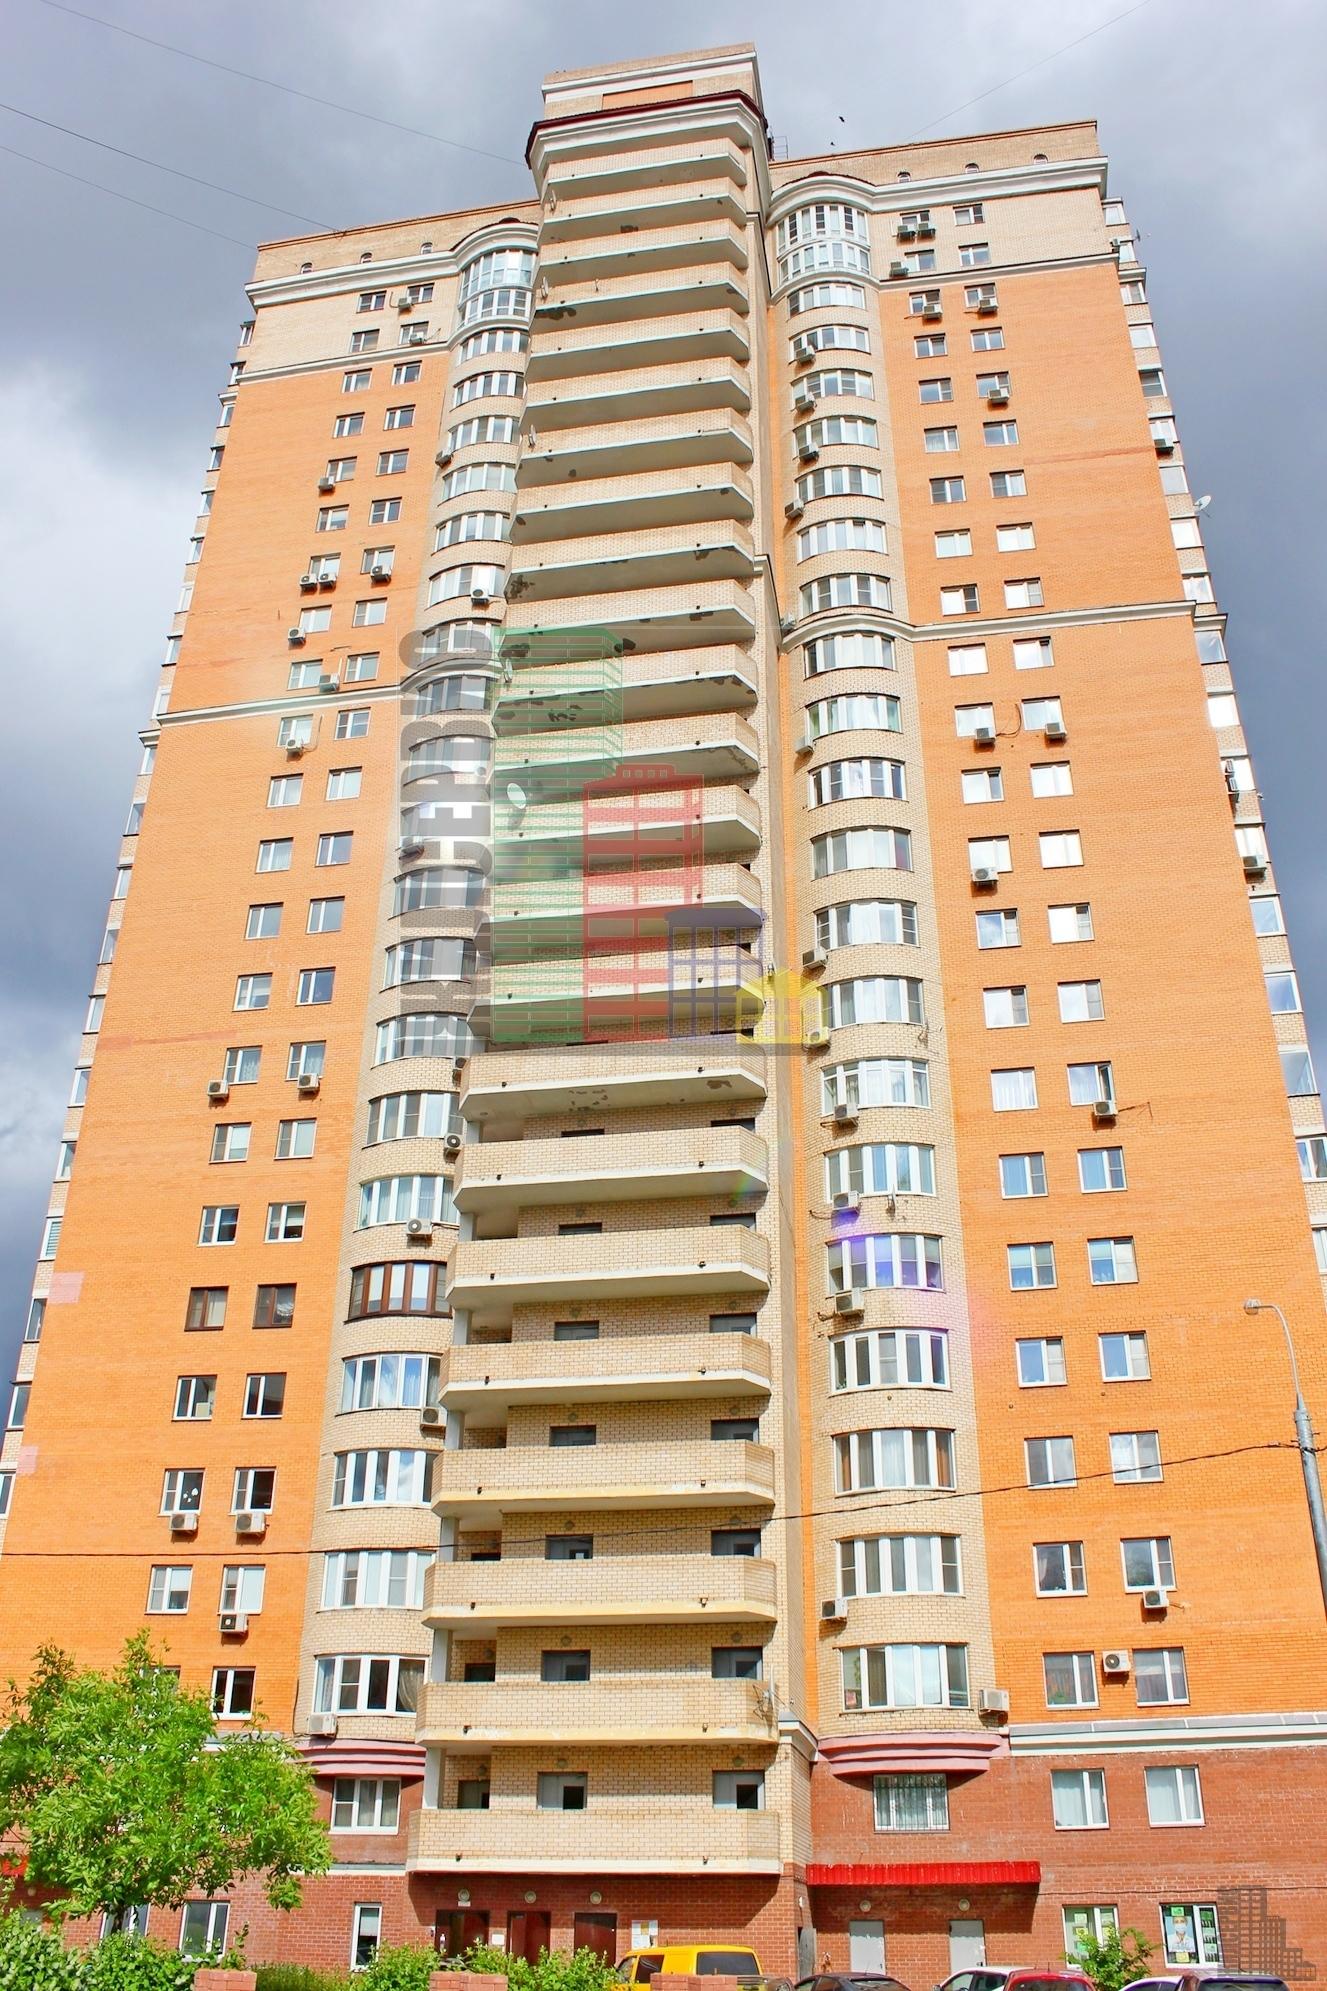 Однокомнатная квартира со свежим евроремонтом - Фото 1